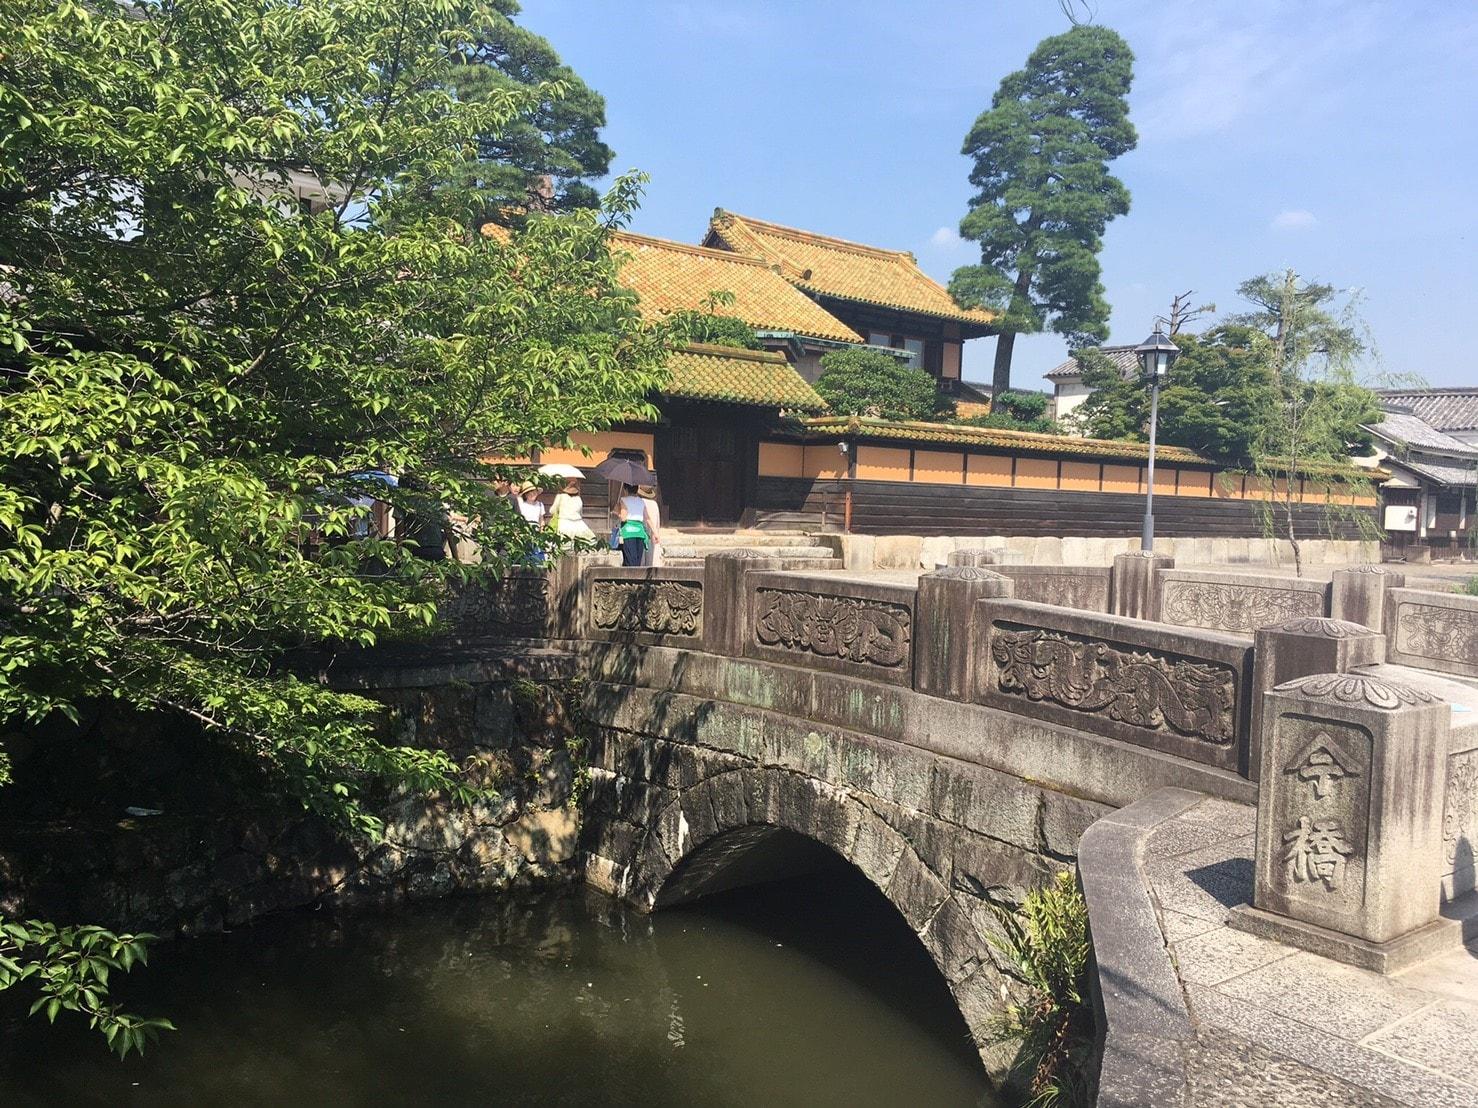 倉敷美観地区の有隣荘と今橋